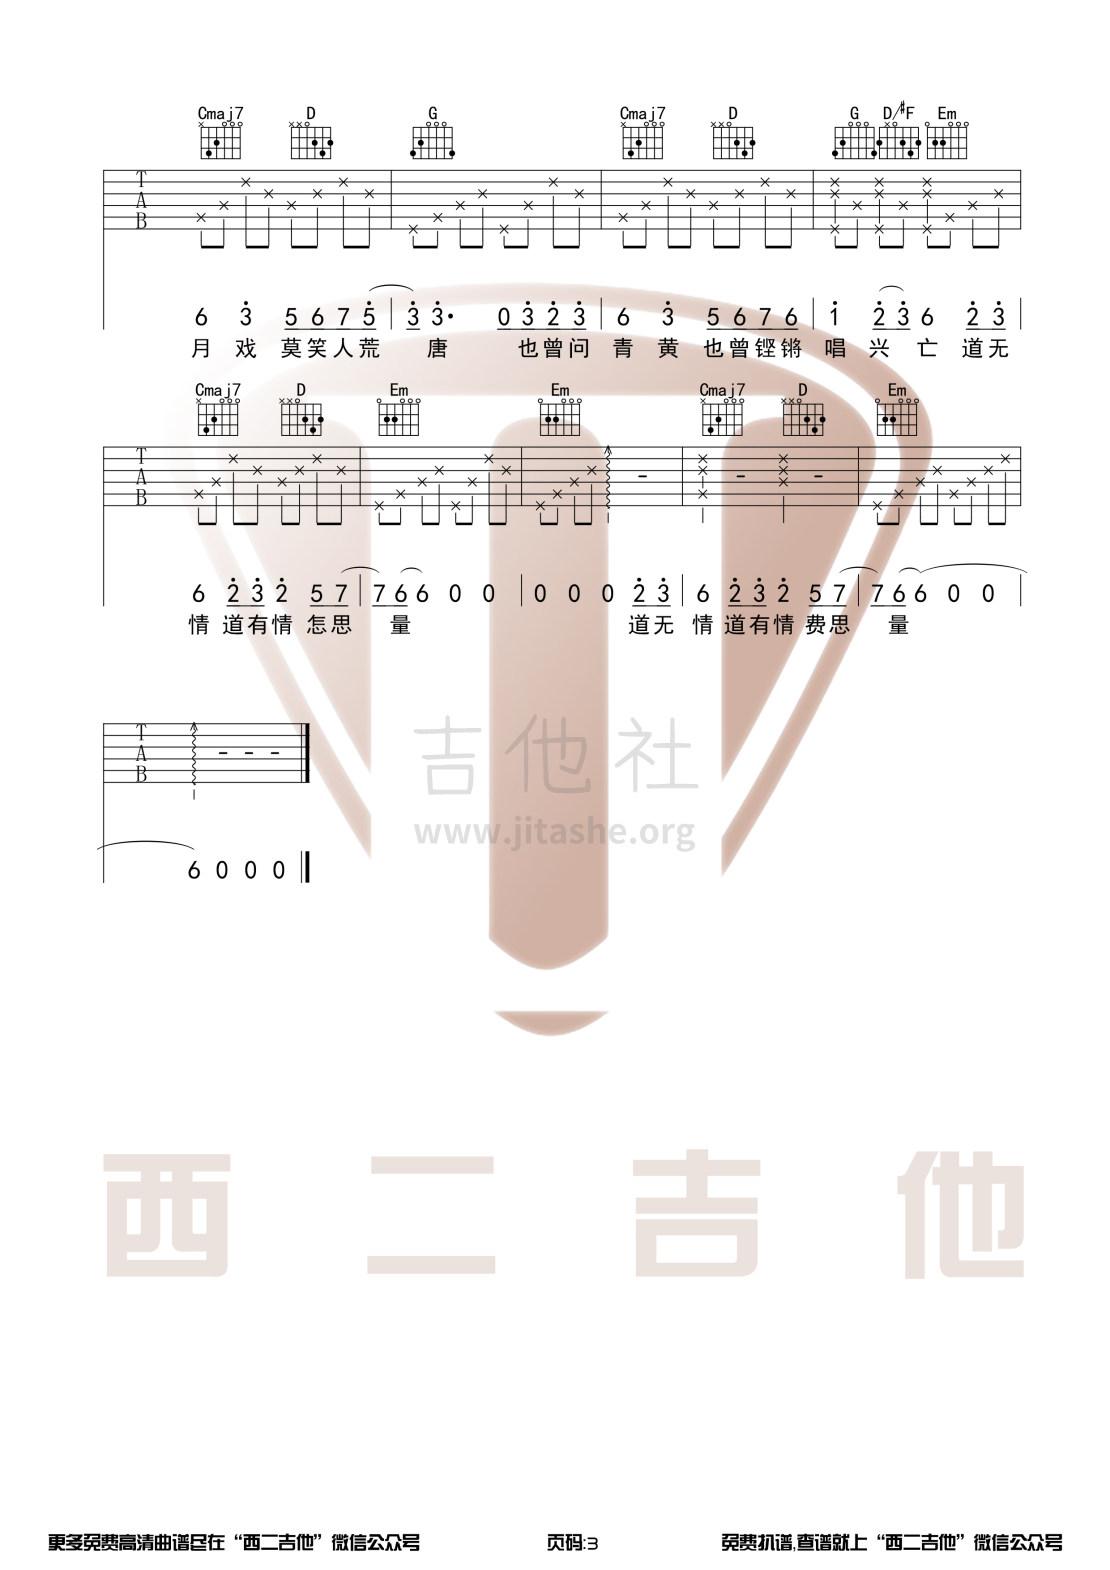 赤伶(西二吉他)吉他谱(图片谱,弹唱,G调)_HITA_赤伶3.jpg